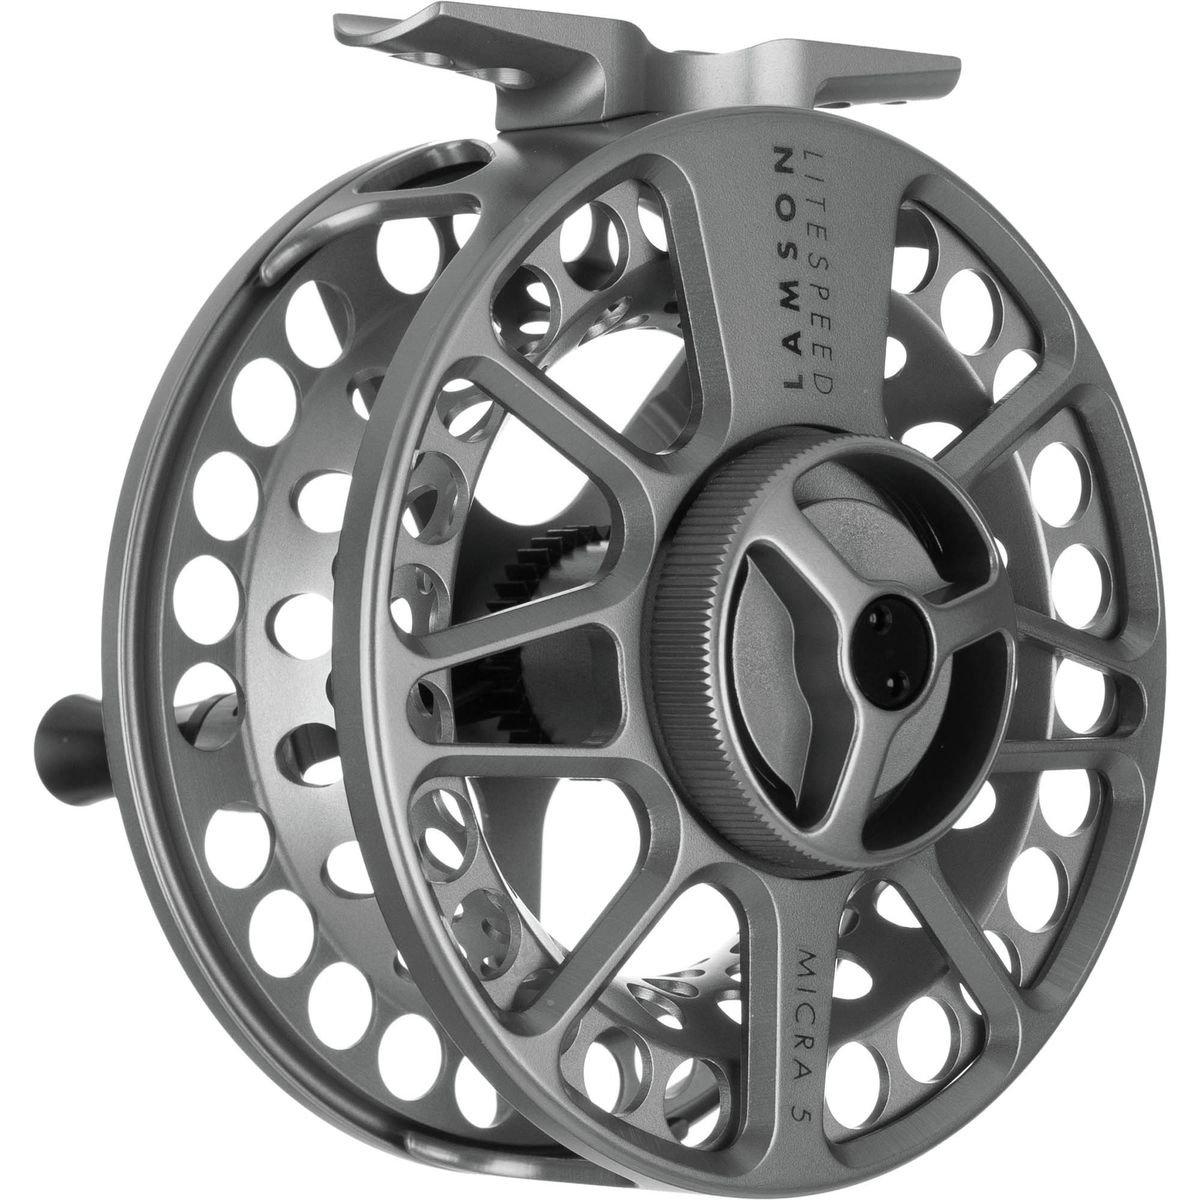 (ウォーターワークスラムソン) Waterworks-Lamson ライトスピード マイクラ 5フライリール B01MG6FUTE #4